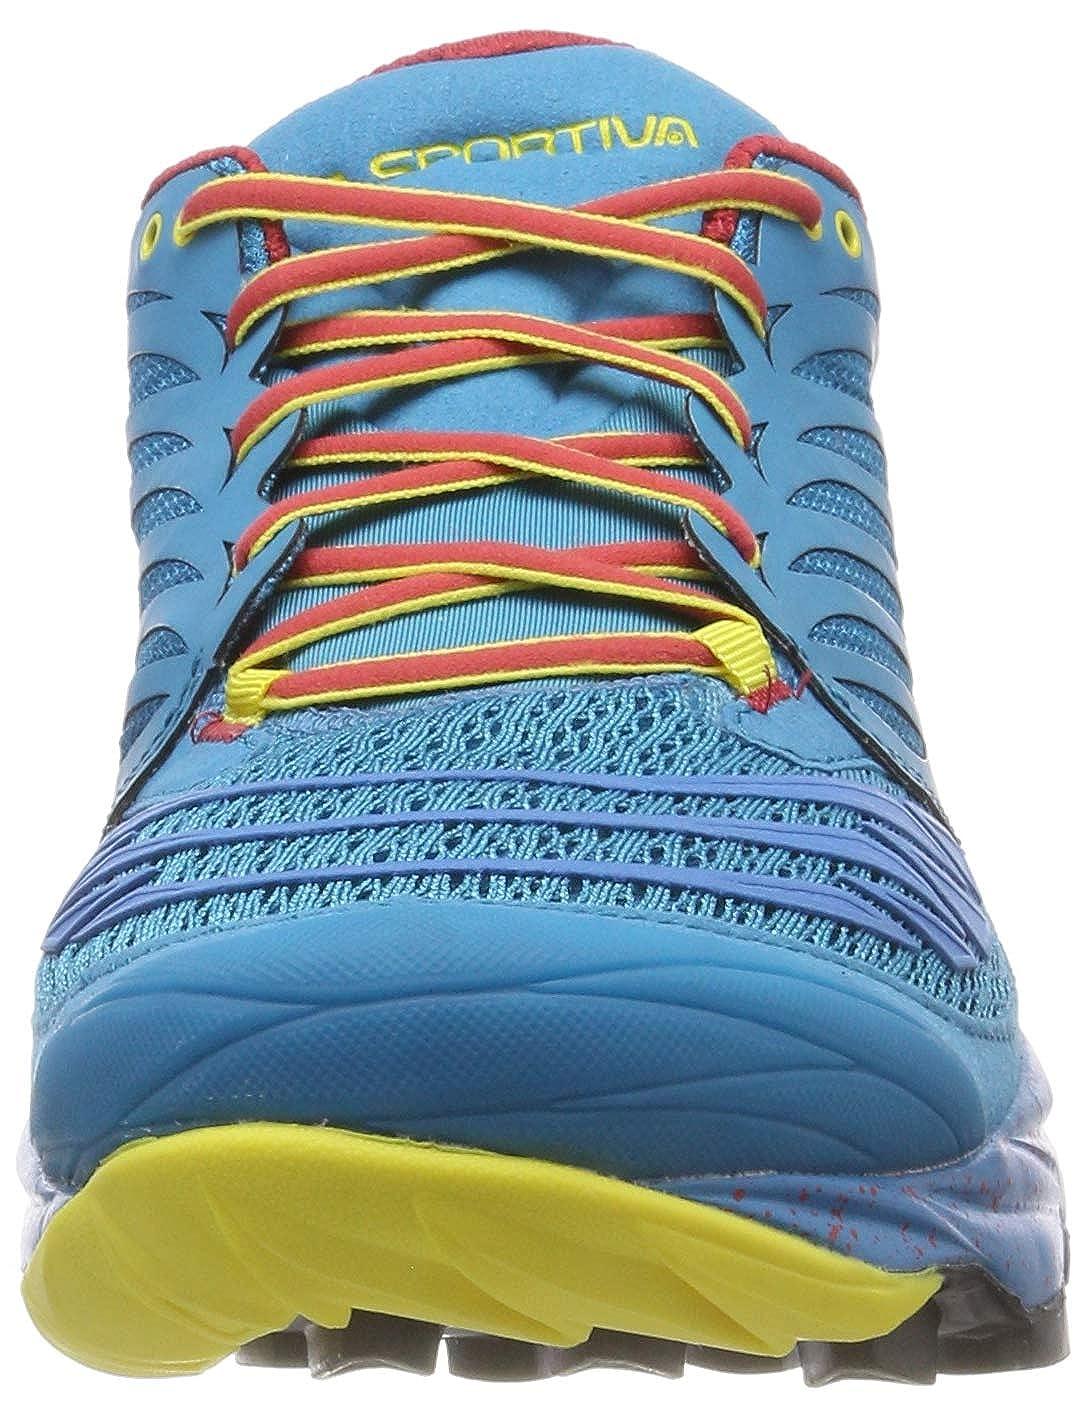 La Sportiva Akasha Tropic, Zapatillas de Trail Running para Hombre: Amazon.es: Zapatos y complementos